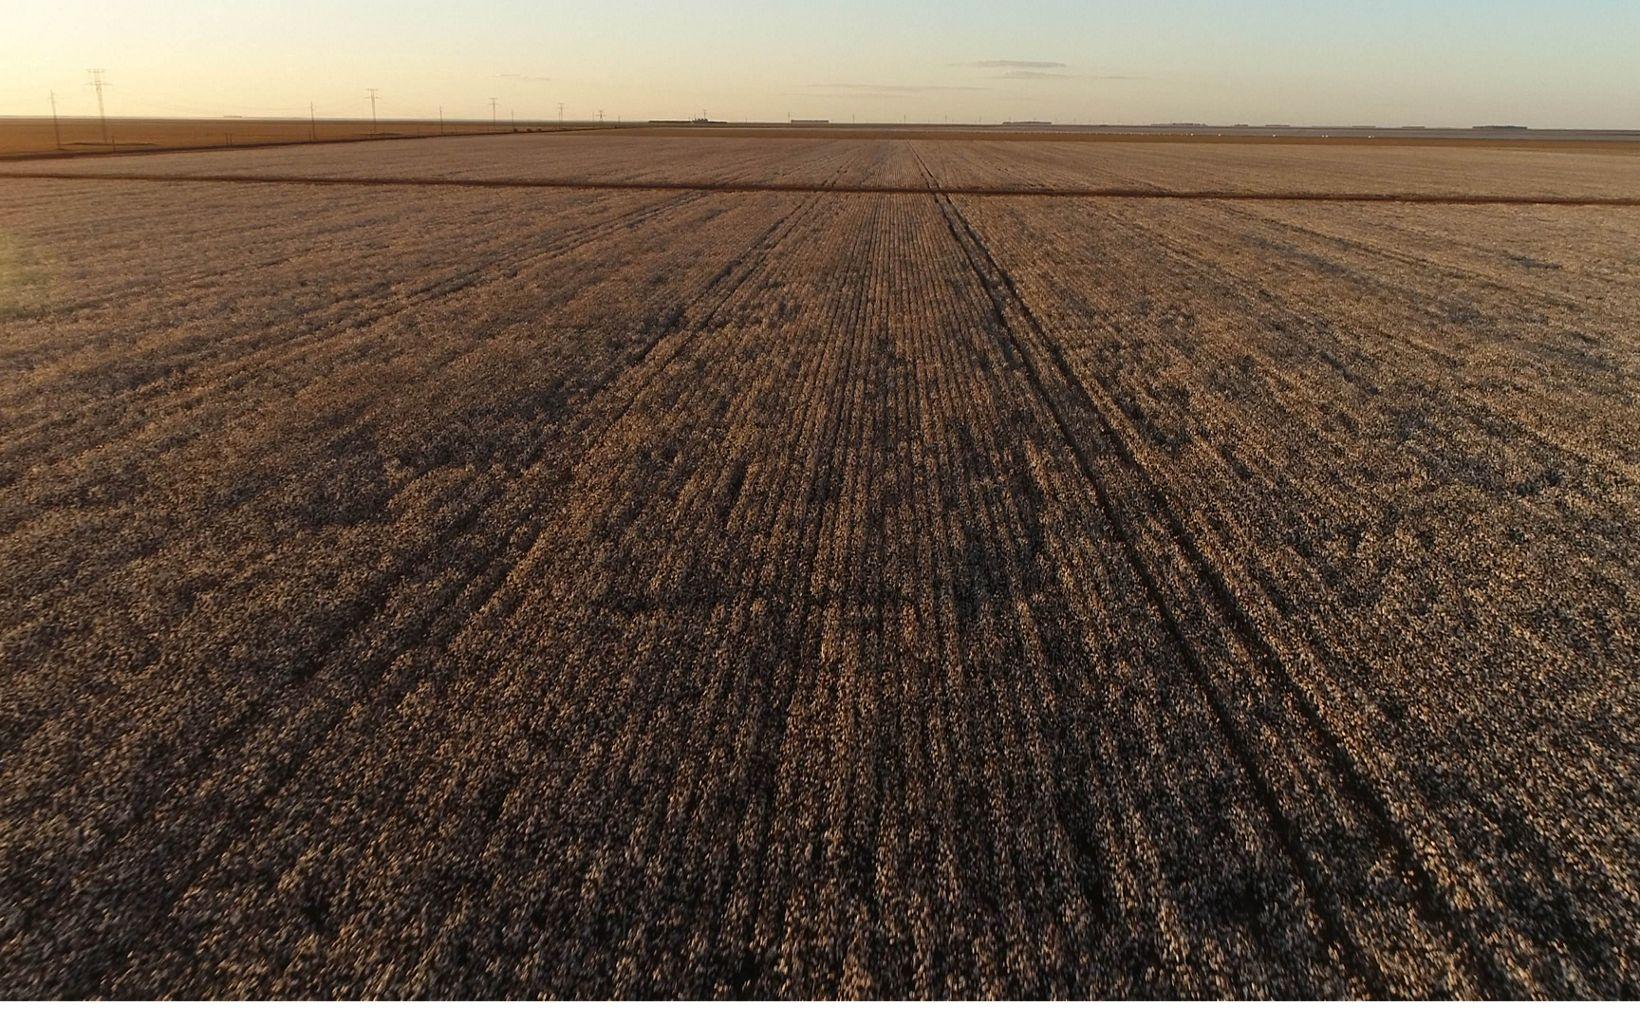 As paisagens planas são um bom terreno para desenvolvimento da agricultura.